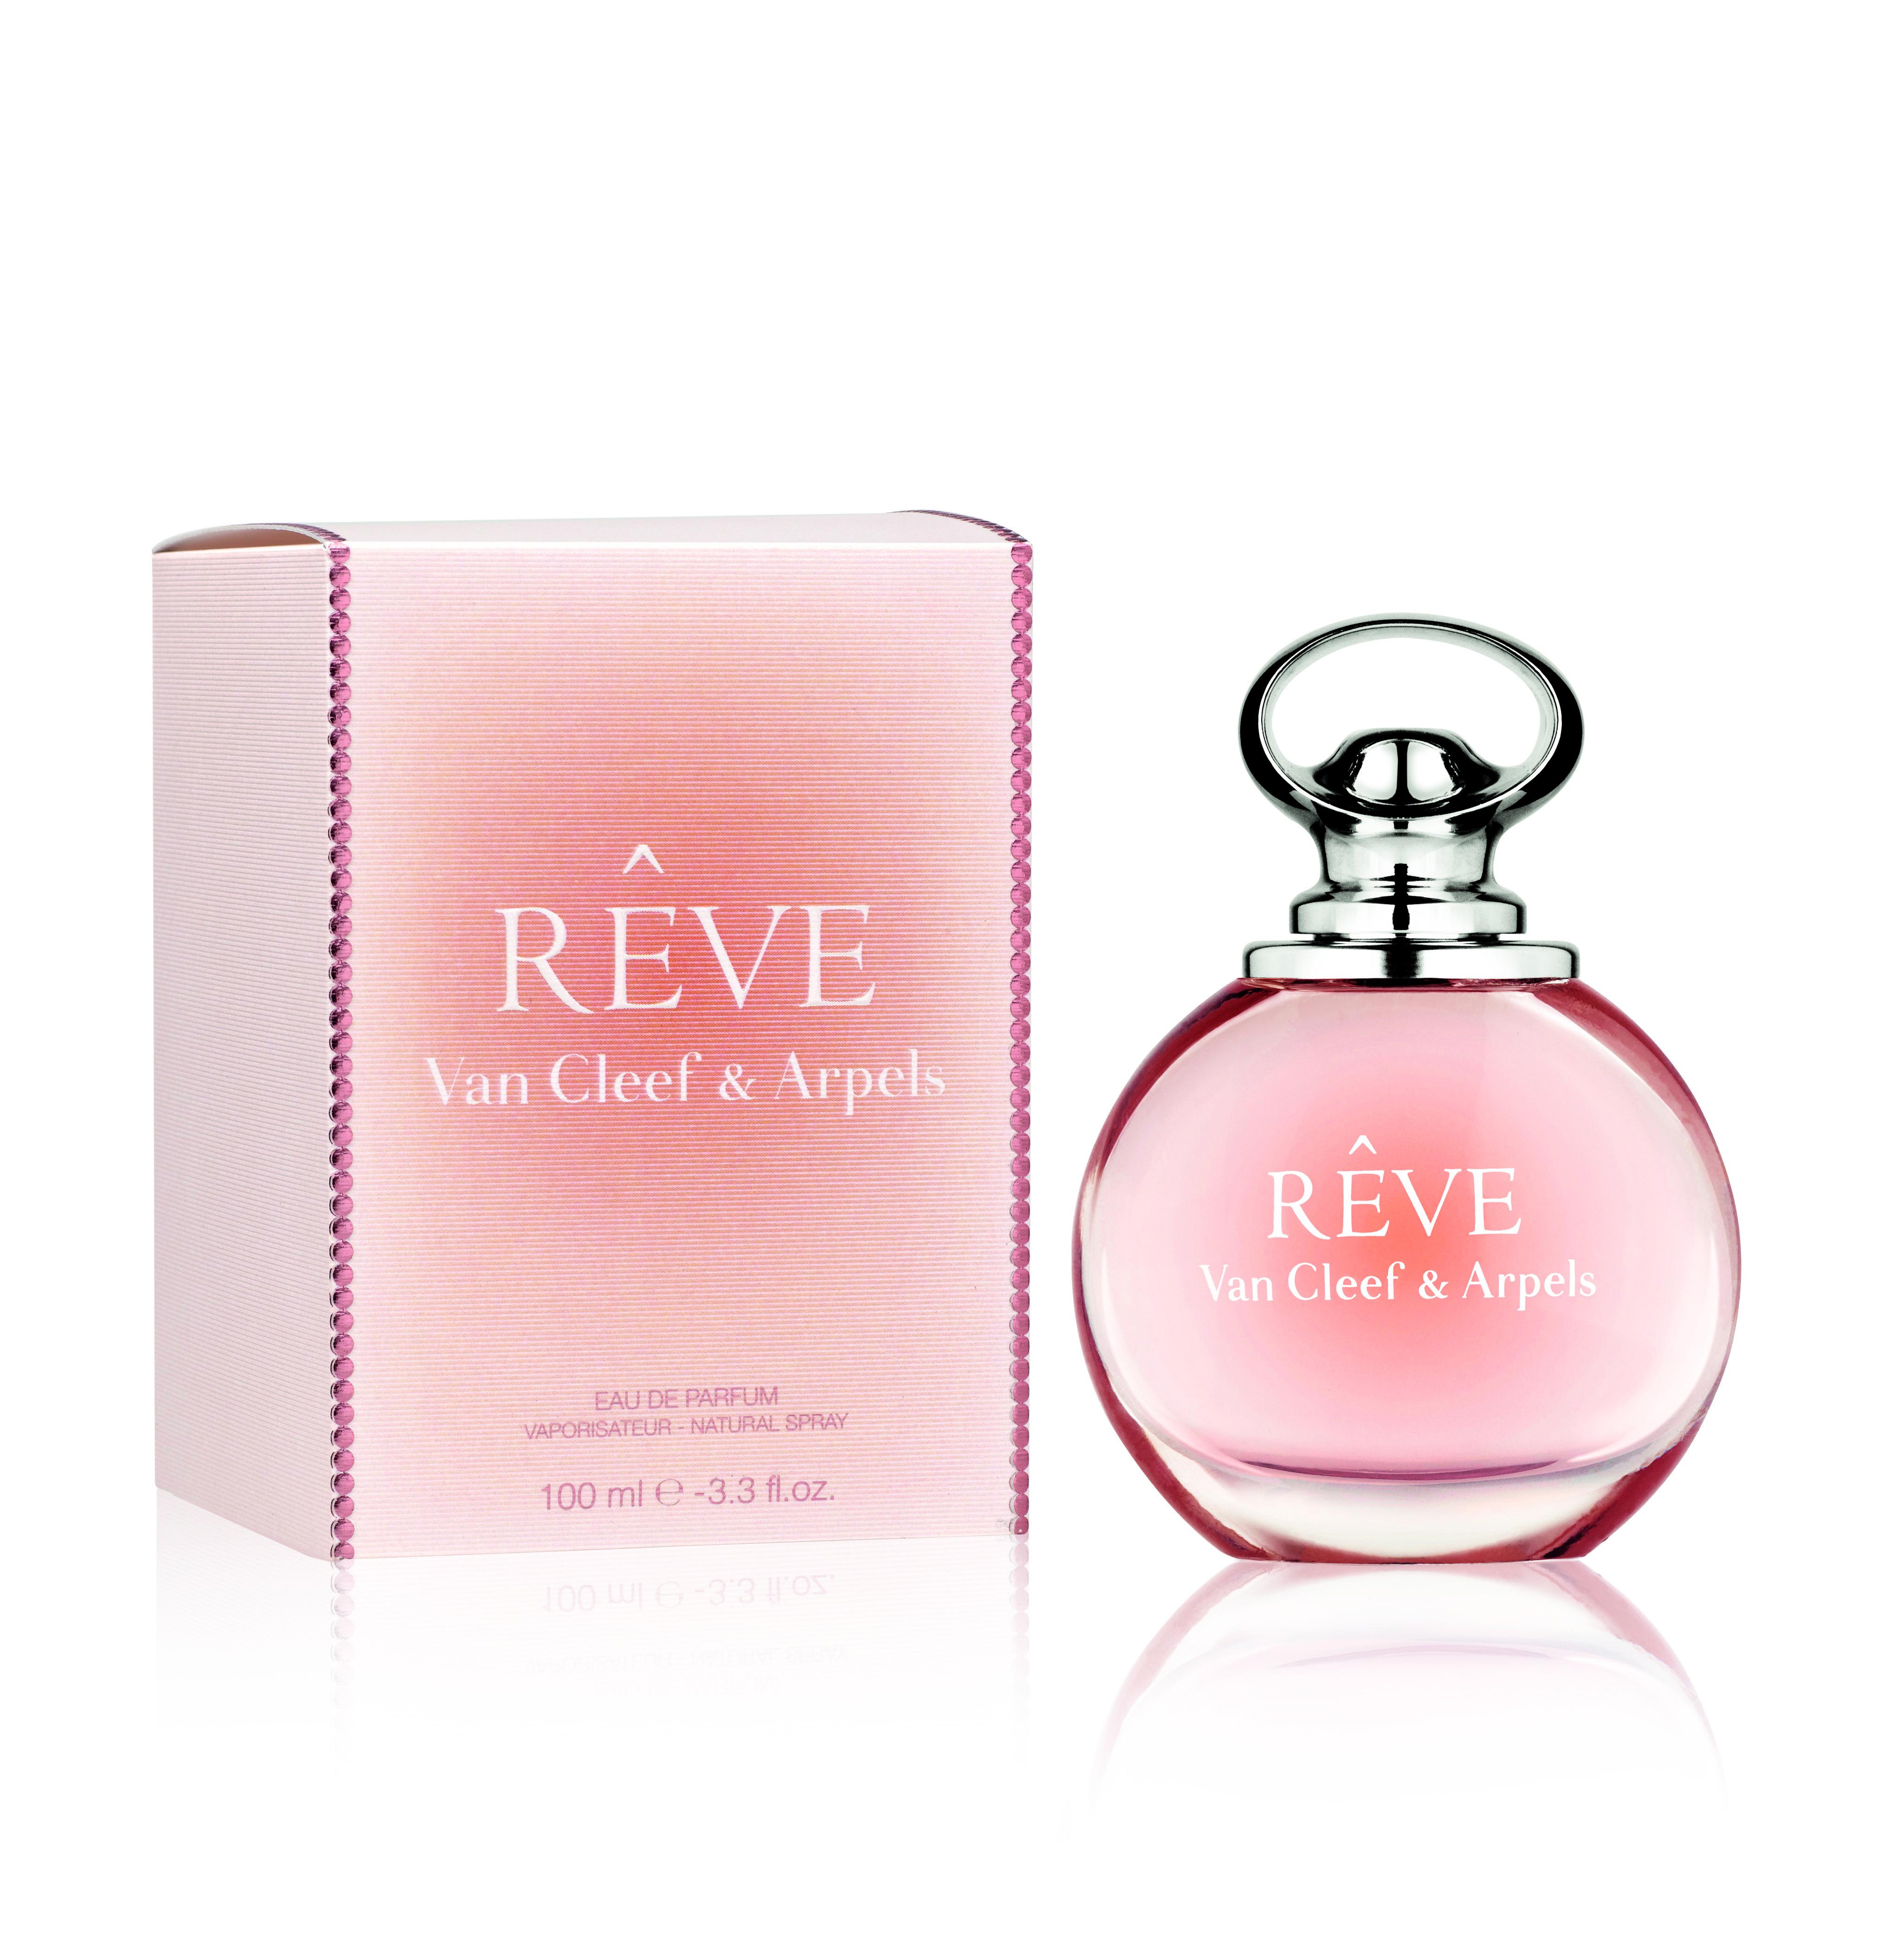 Van Cleef & Arpels Rêve аромат для женщин